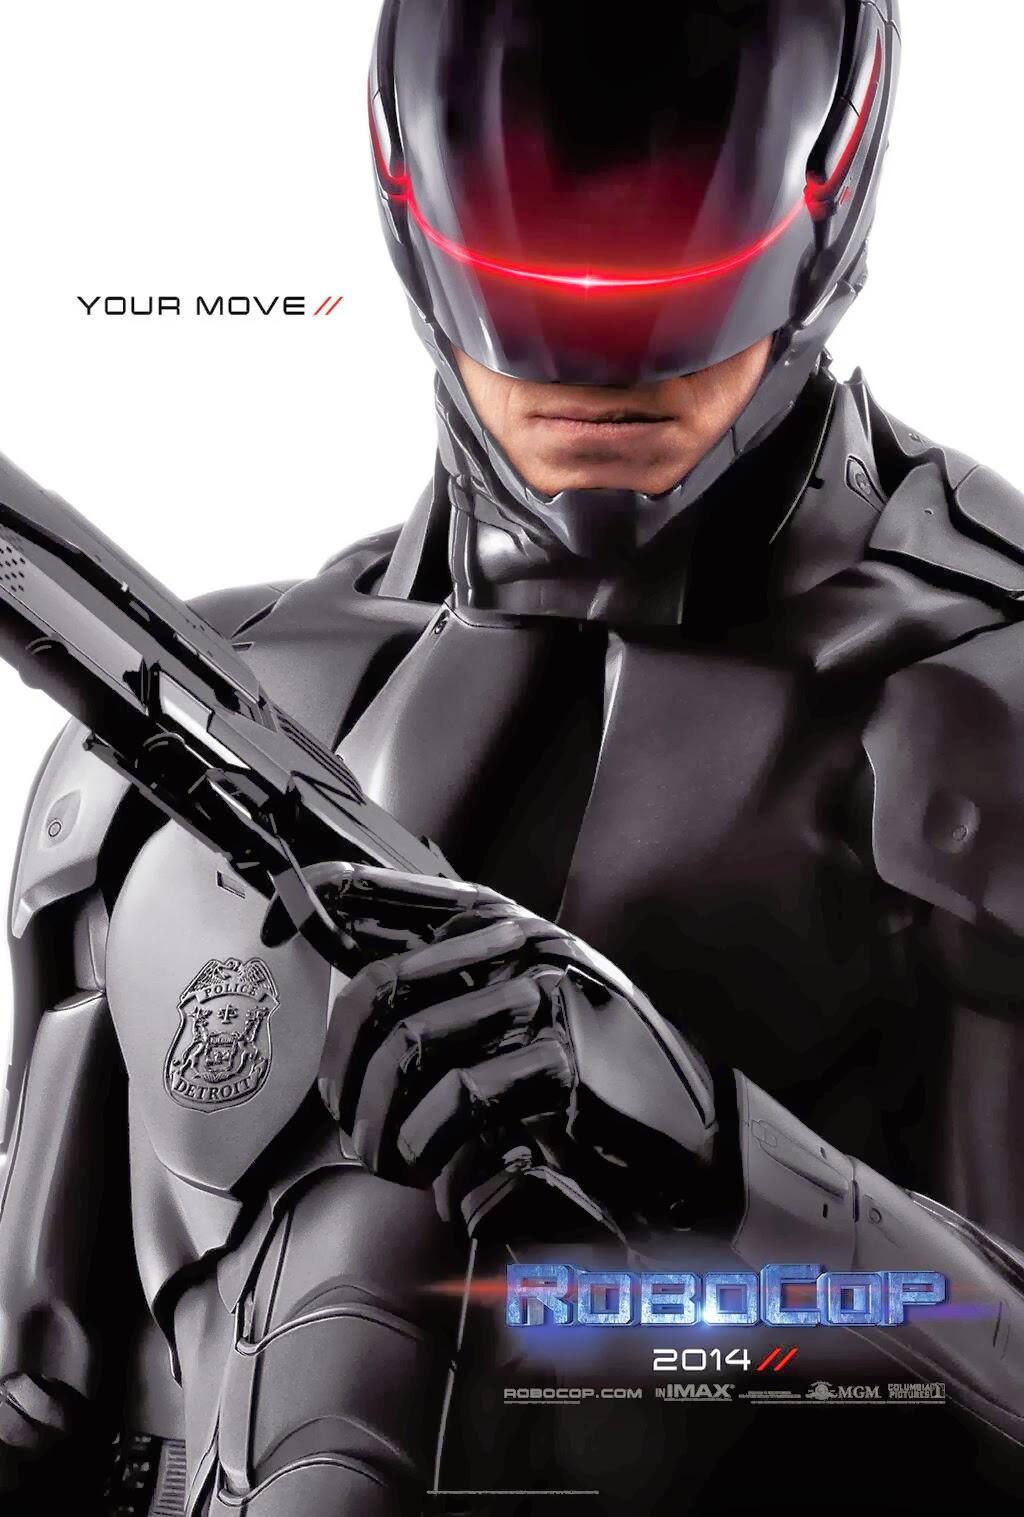 Best free movie direct downloads